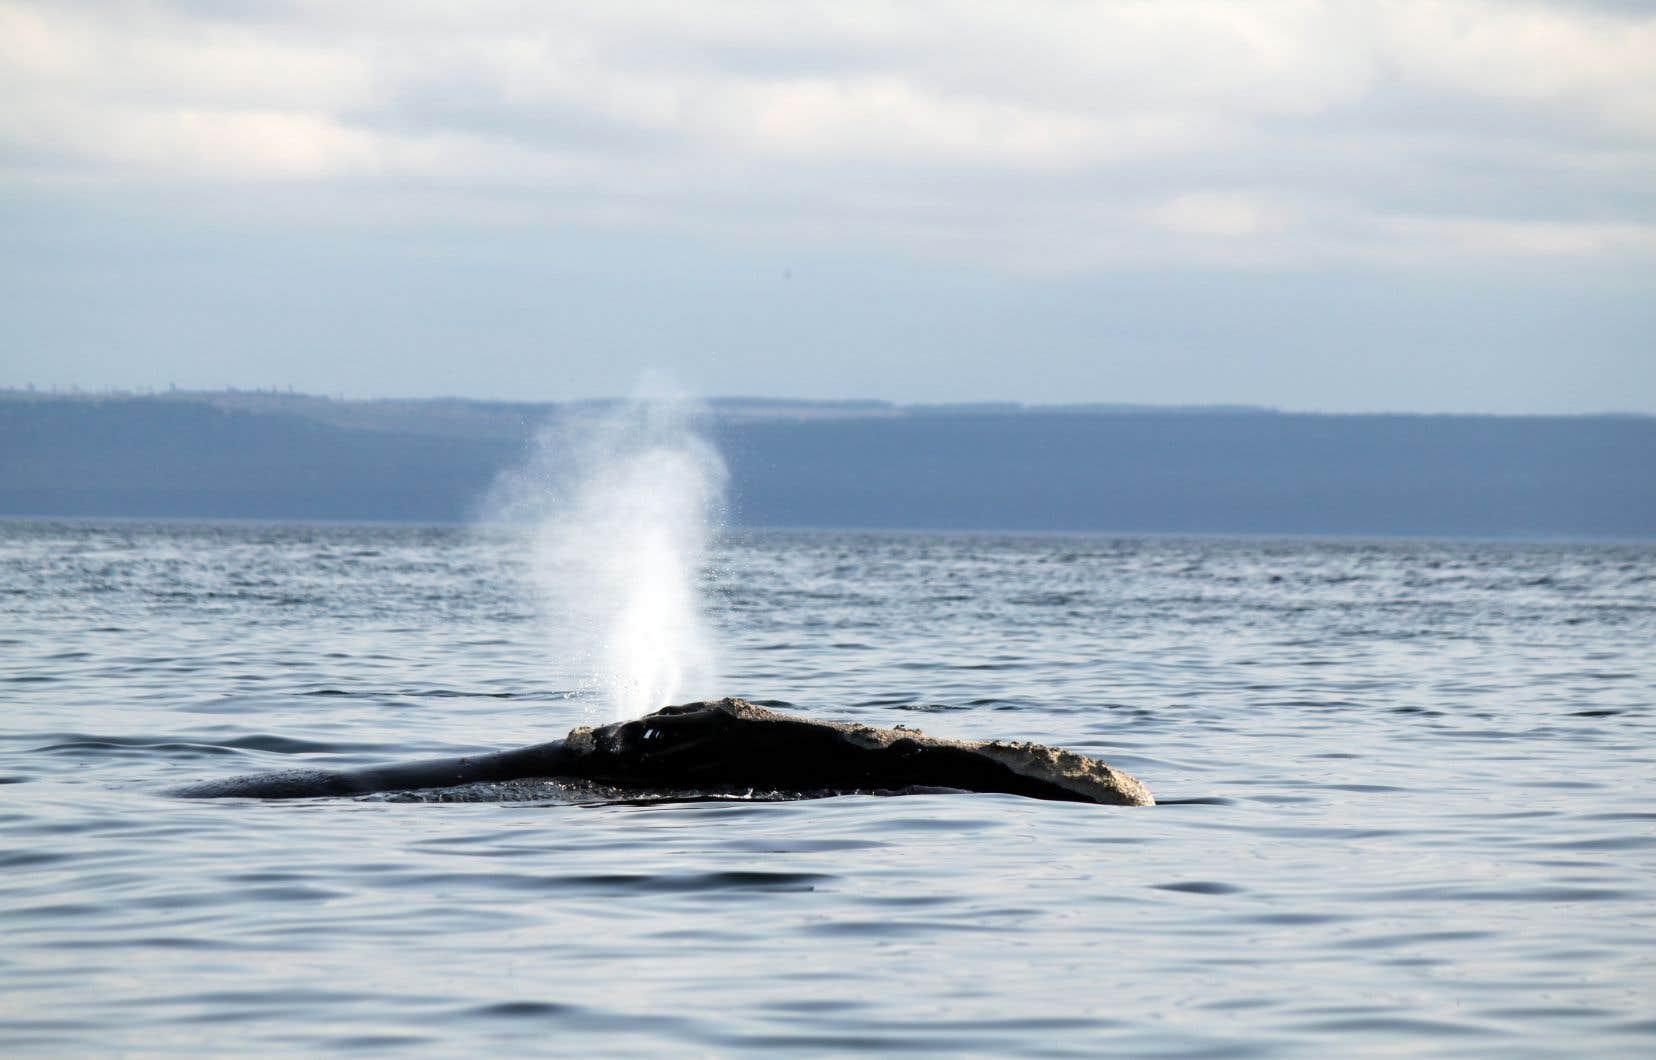 La portion du Saint-Laurent située au nord de l'île d'Anticosti est fréquentée assidûment par les baleines noires, selon les données d'observation récoltées au cours des dernières années.